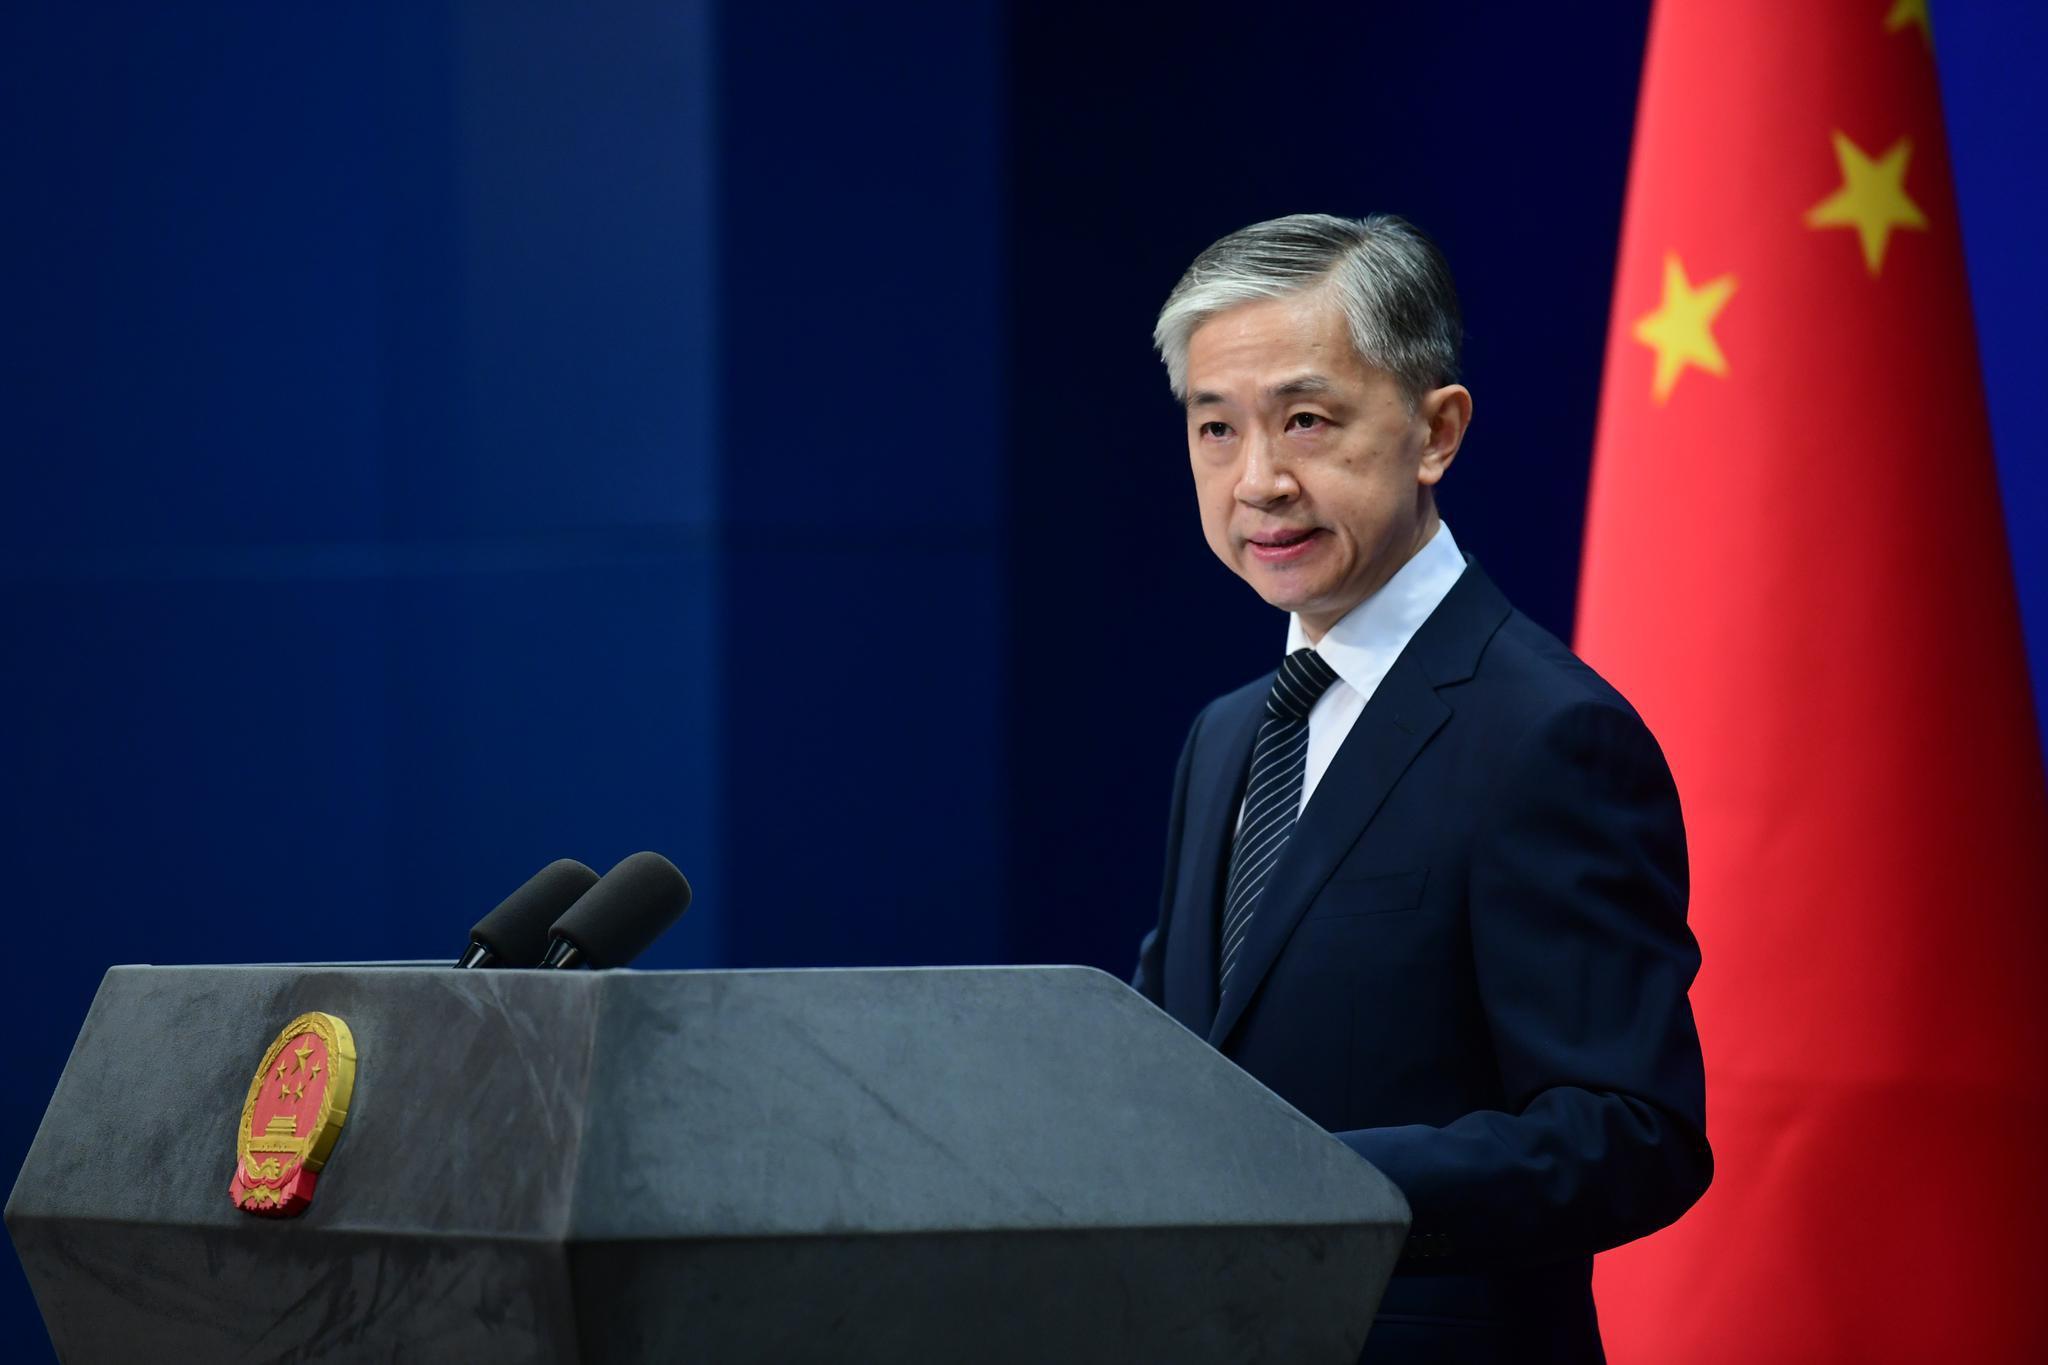 联合国日内瓦办事处总干事表示中国对多边主义的支持非常重要 外交部回应